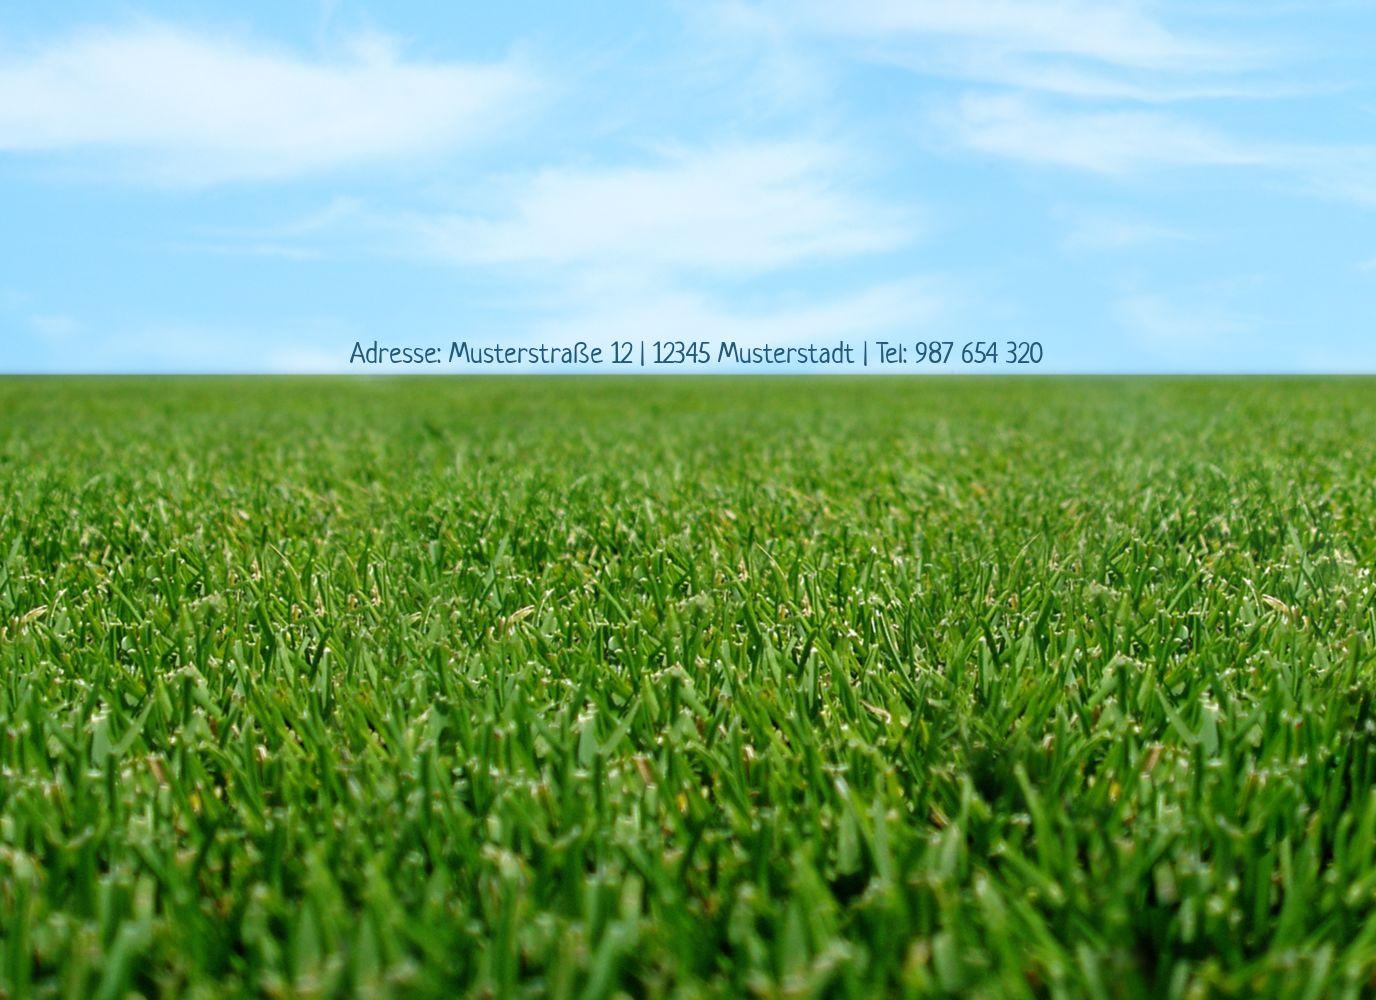 Ansicht 2 - Einladung Sommerfest saftiger Rasen